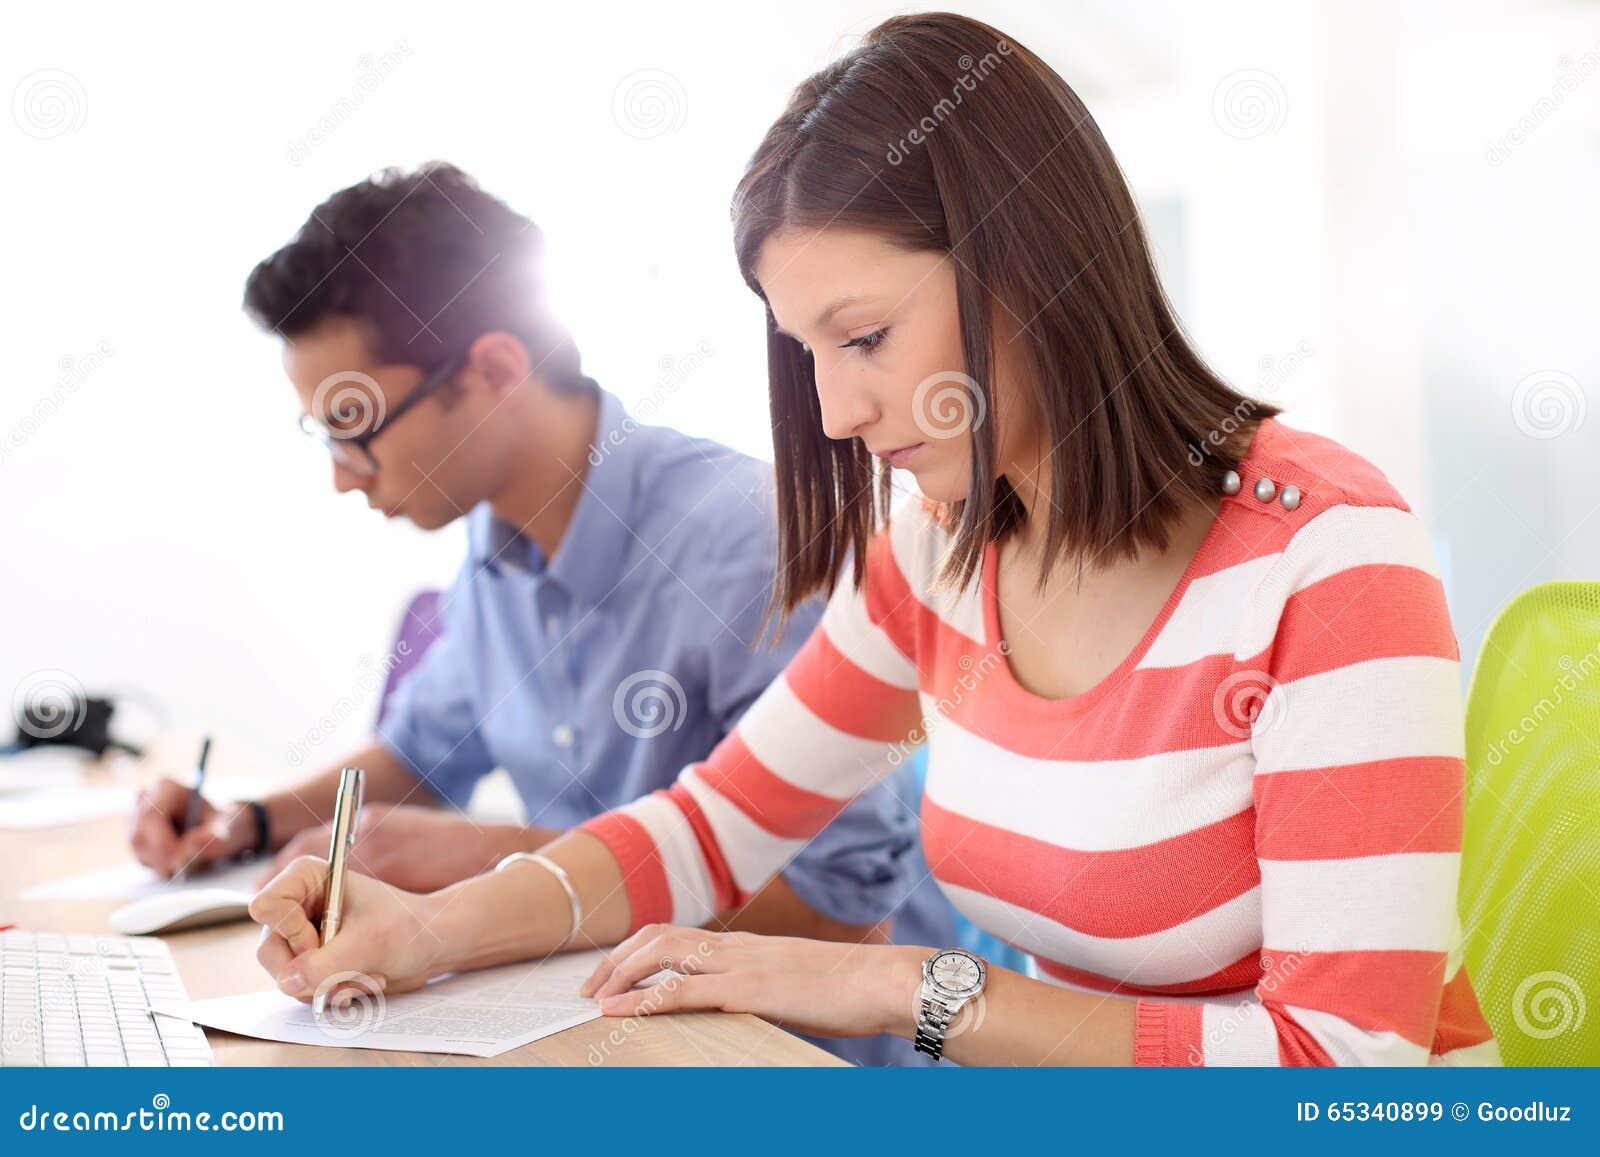 Studenten, Die In Der Schule Prüfung Schreiben Stockbild - Bild von ...